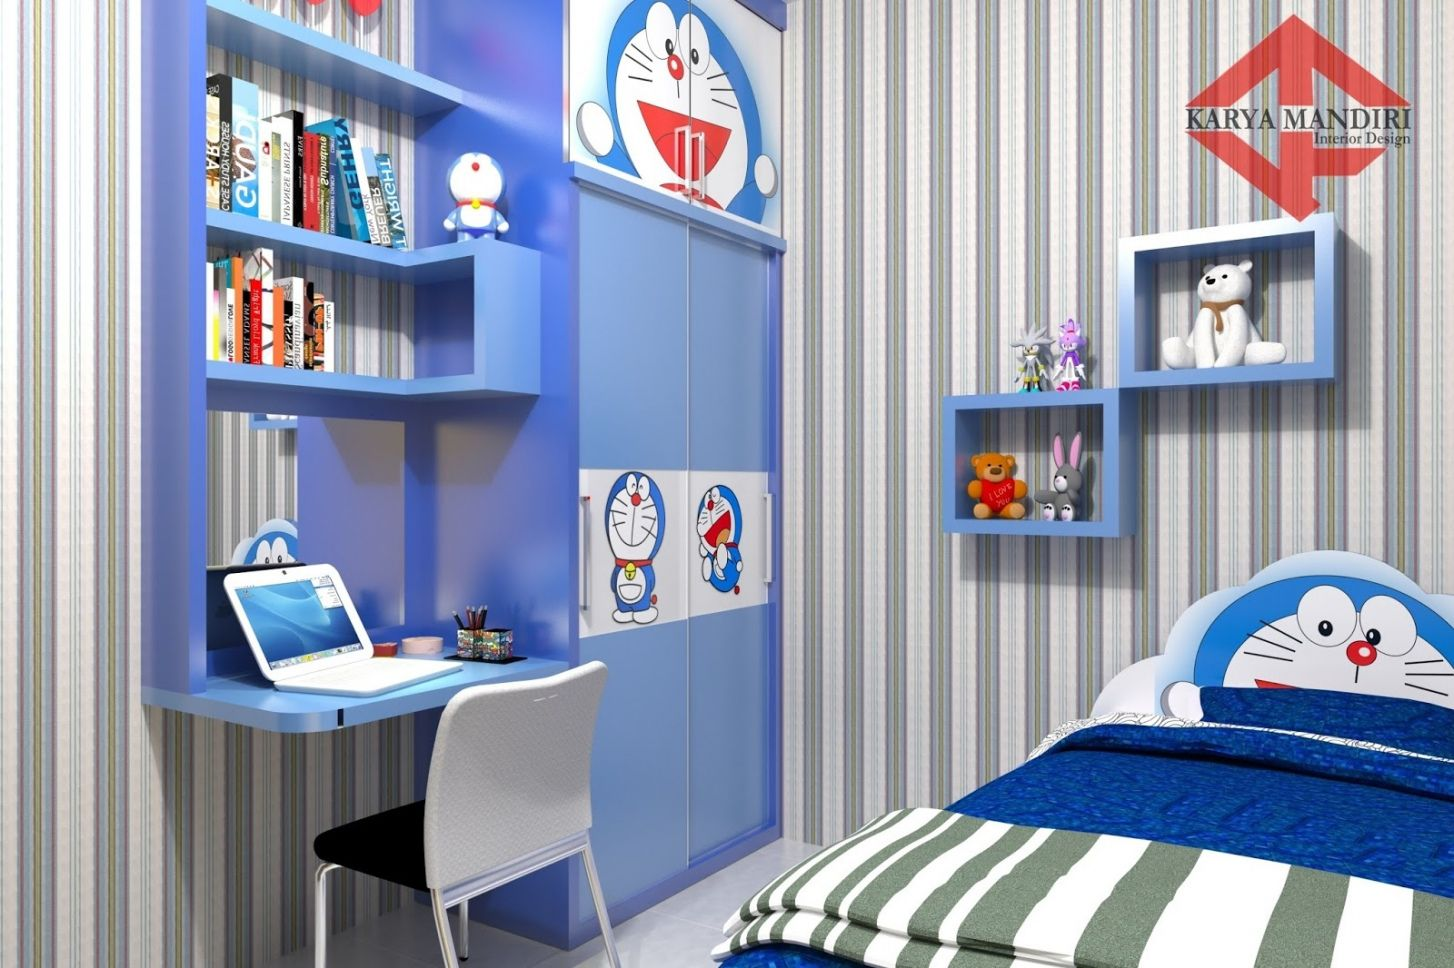 Ruang Belajar Siswa Kelas 10 Desain Kamar Tidur Anak Perempuan Doraemon